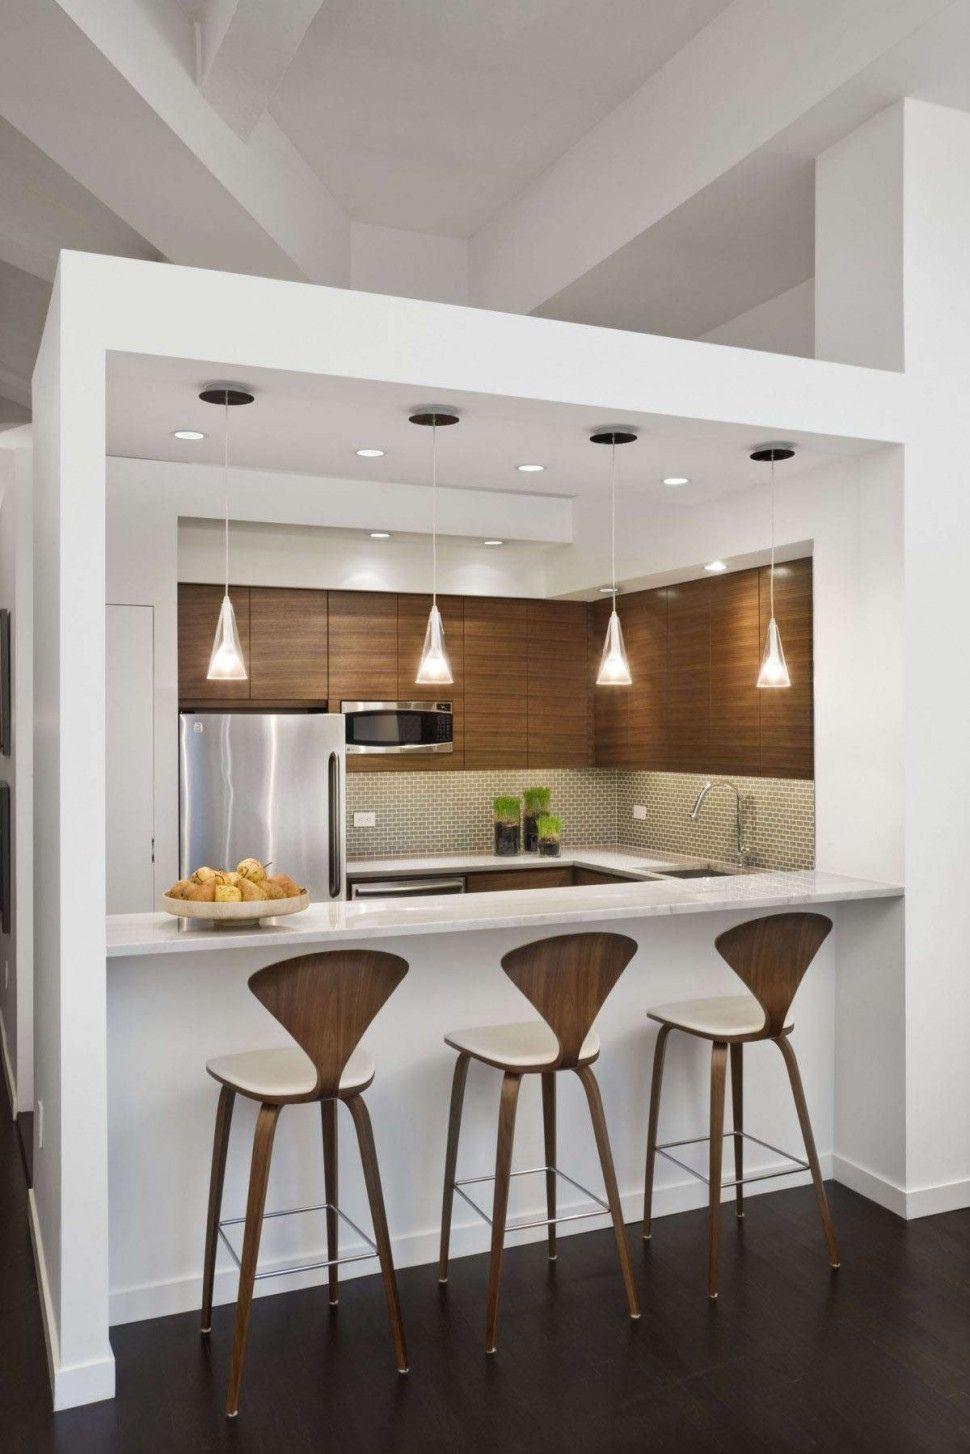 U küchendesign-ideen pin von dorota dorothea auf küche  pinterest  küchen design